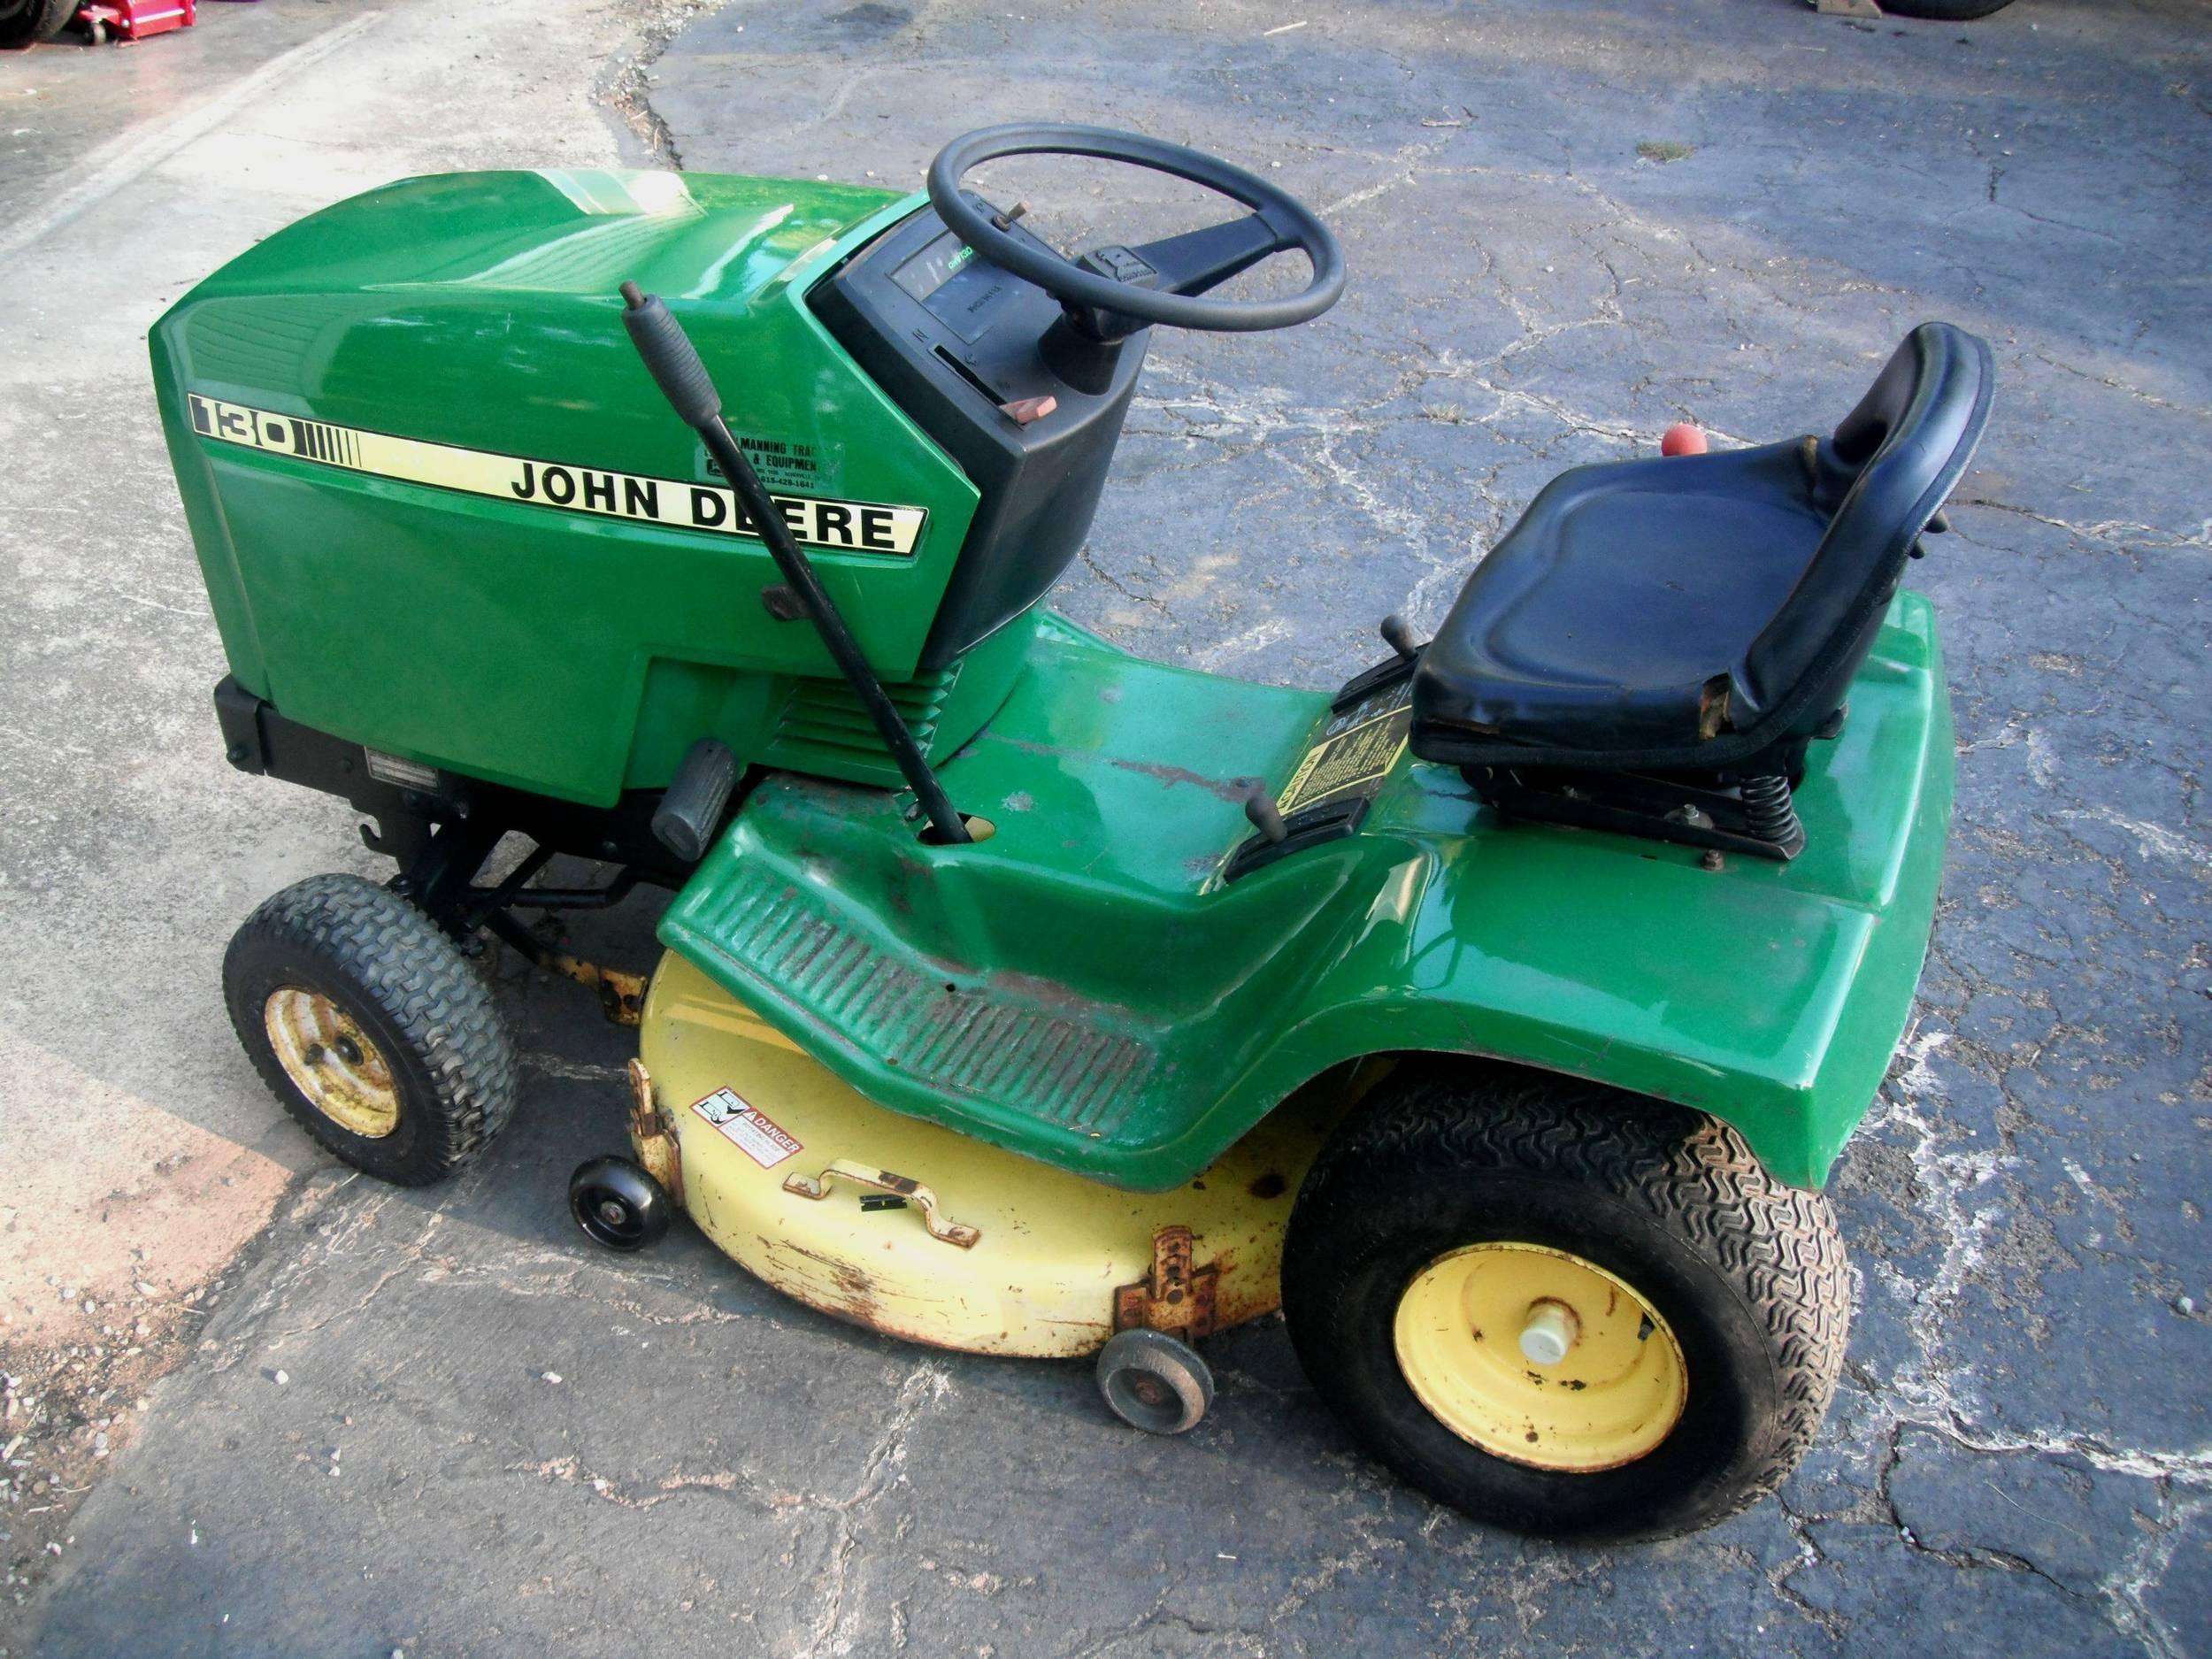 John Deere 130 Lawn Tractor Parts | John Deere Parts: John Deere ...